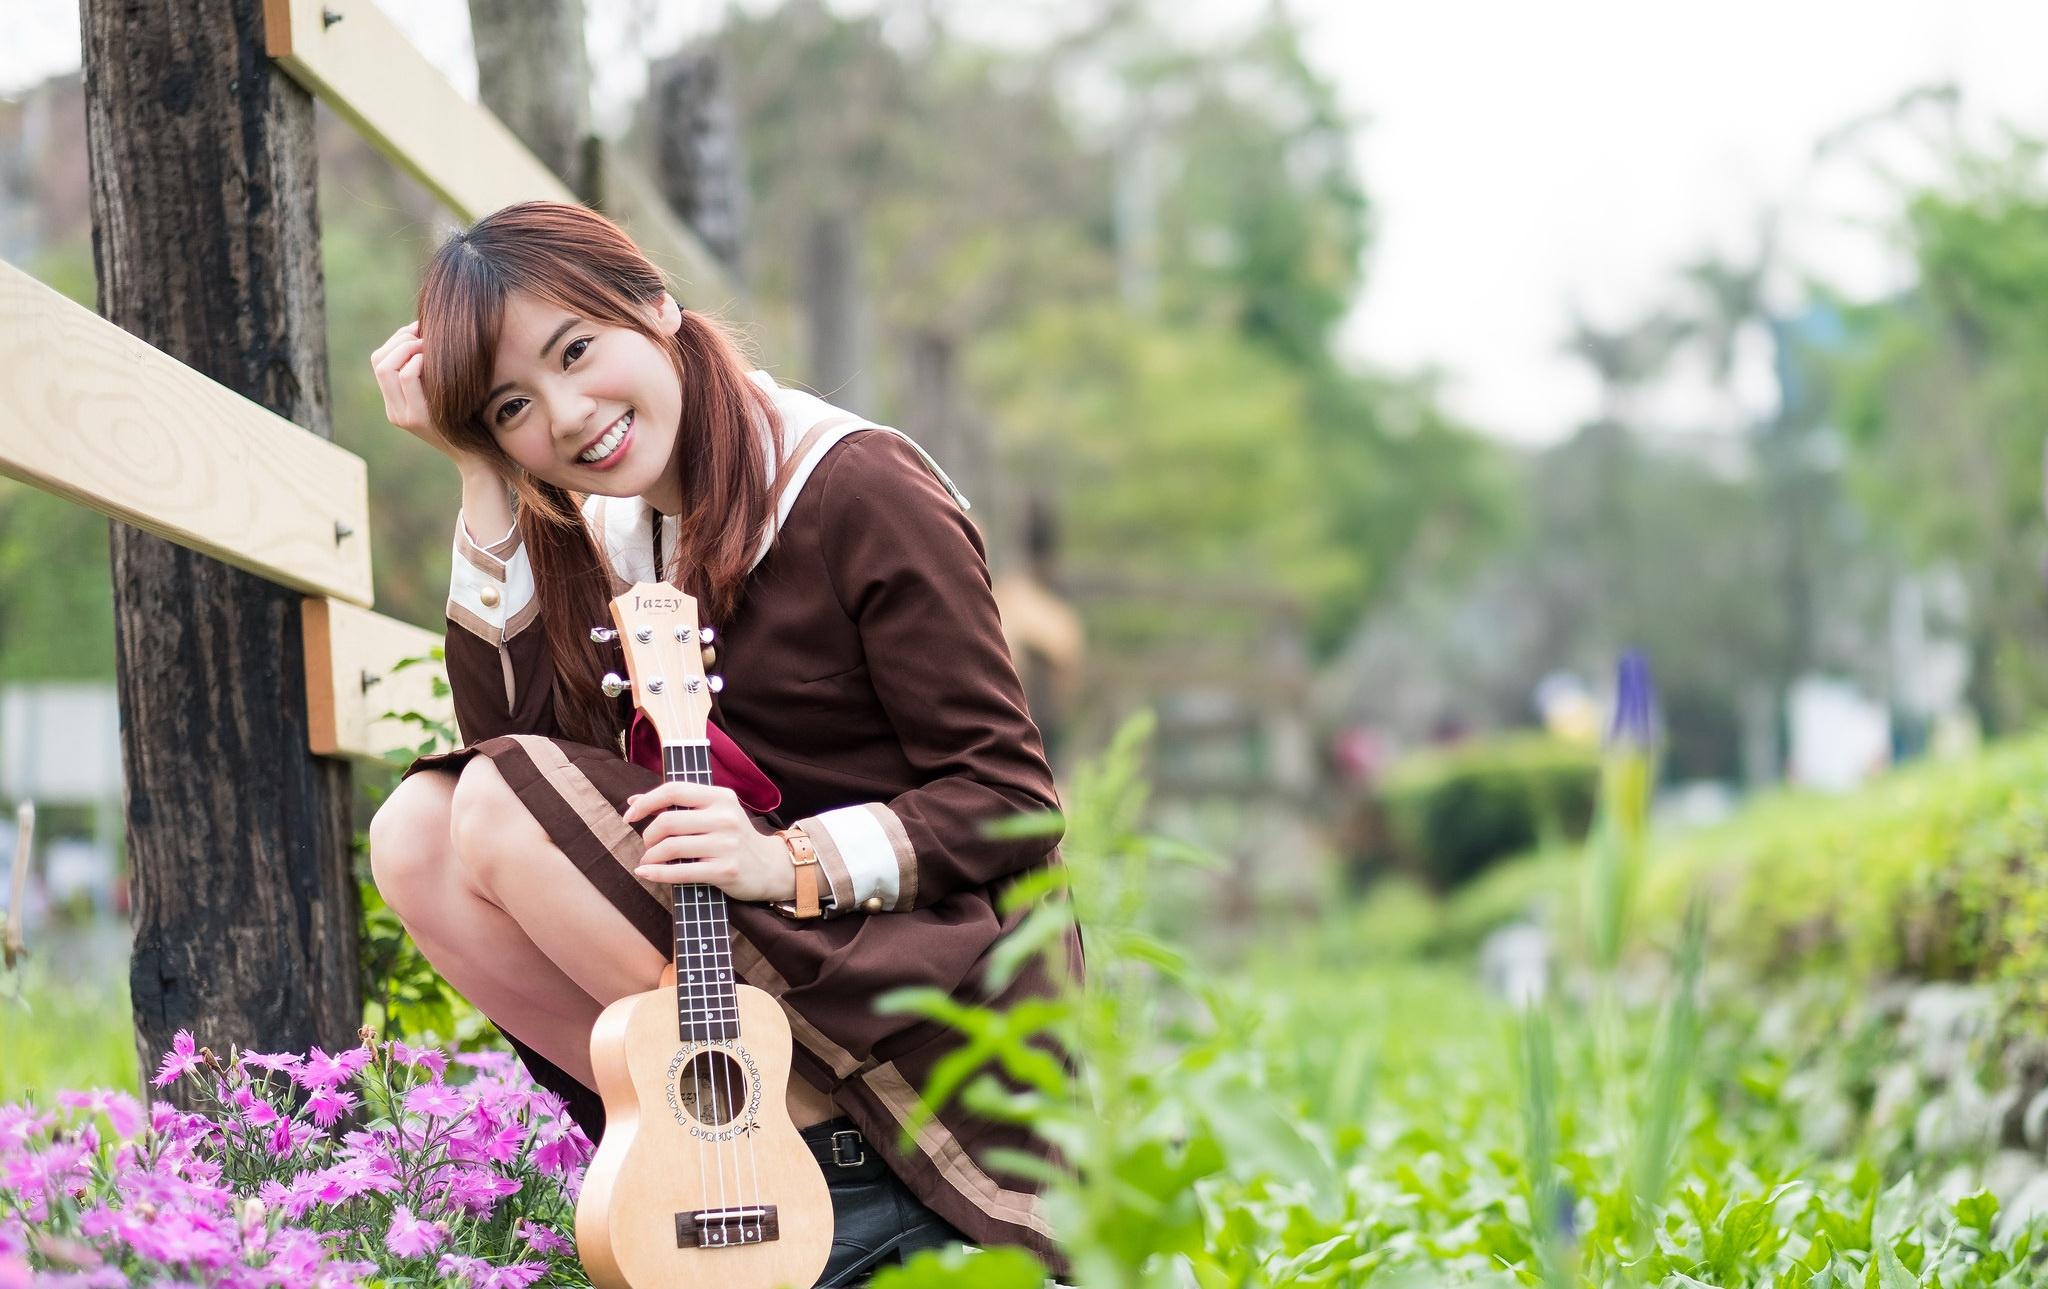 девушки гитара улыбка  № 465341 бесплатно